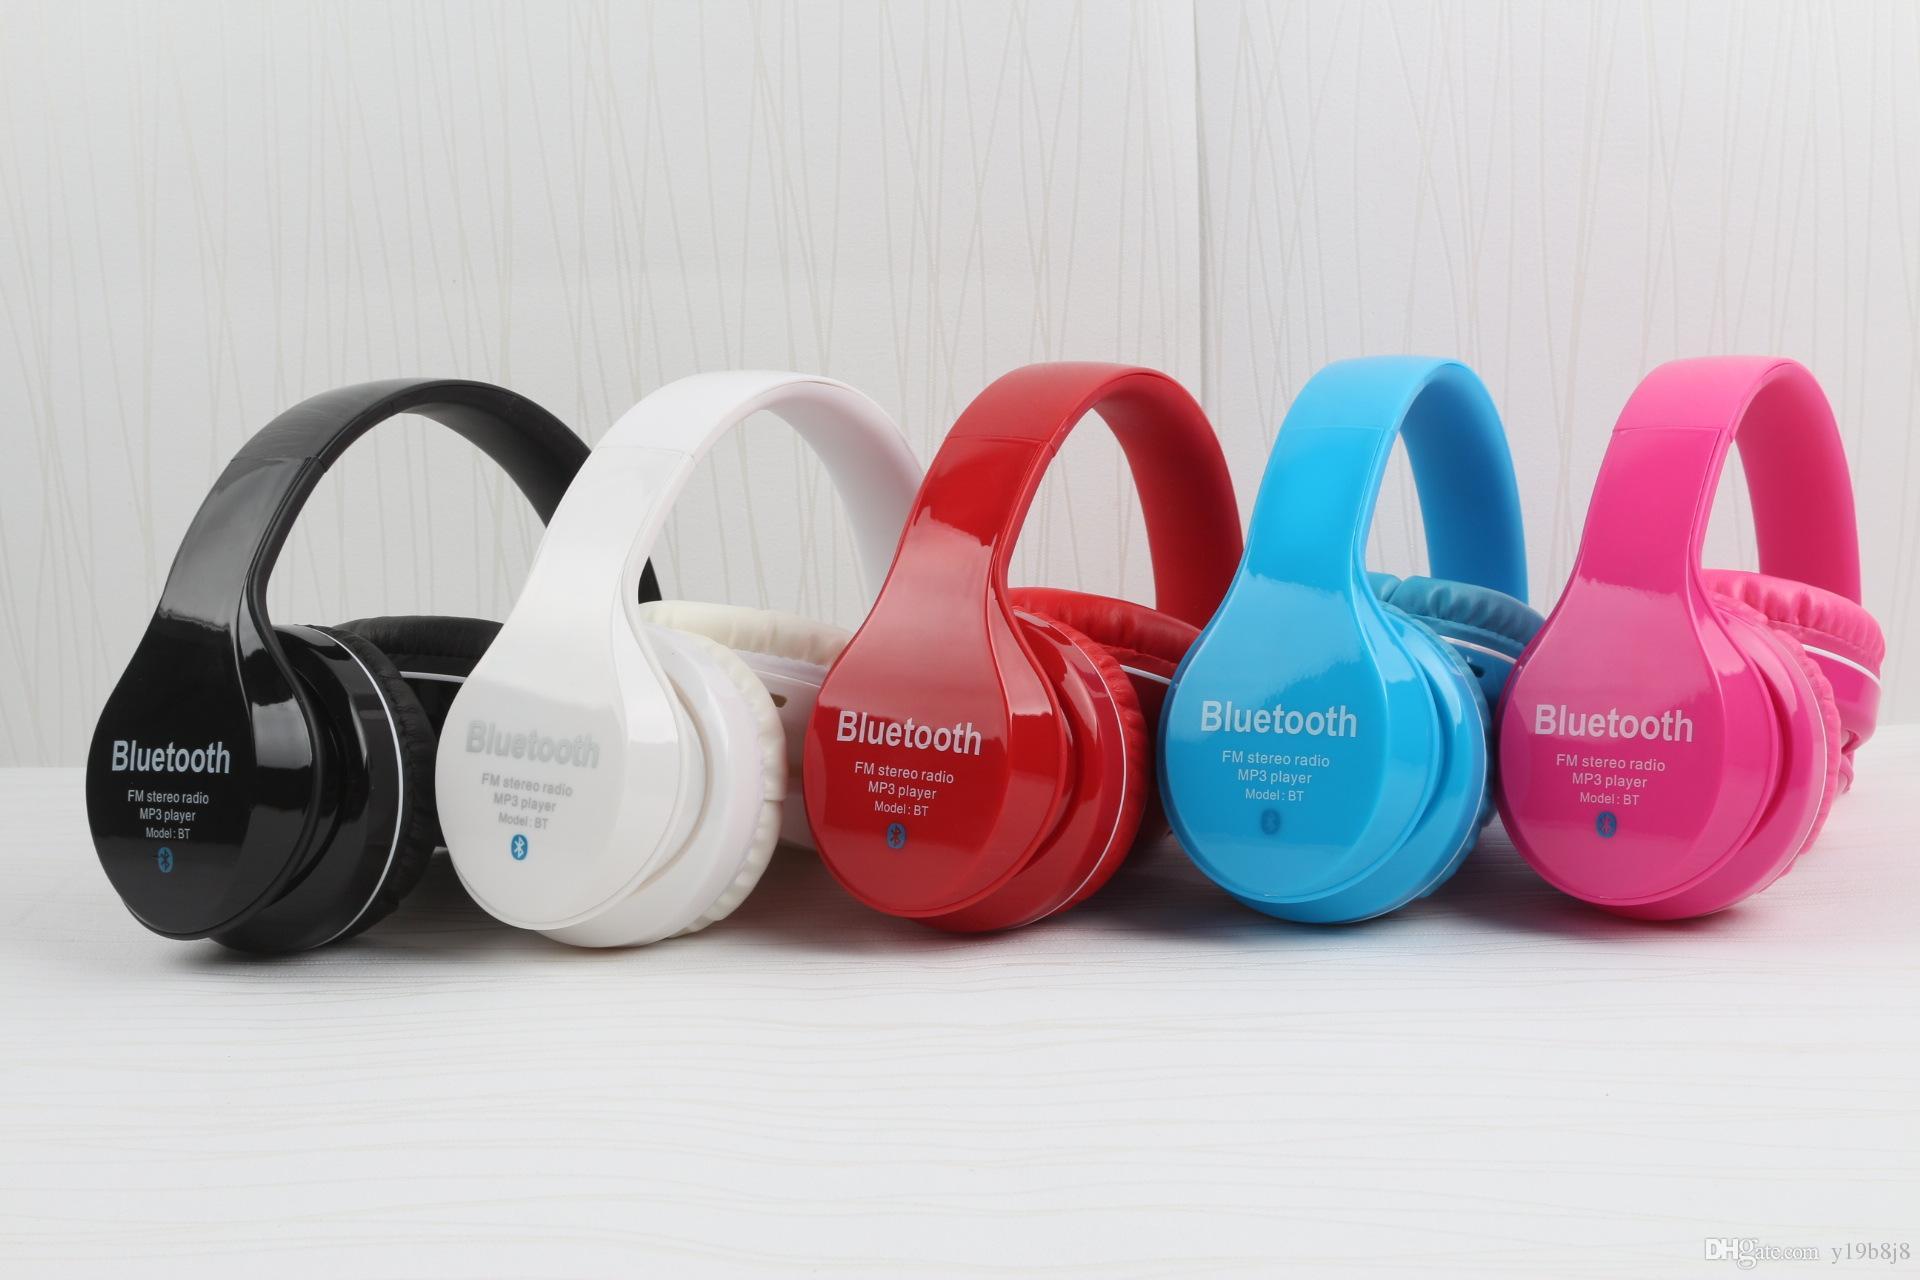 407d39f2f8b Compre Auriculares Inalámbricos Bluetooth Compatibles Con La Tarjeta FM /  TF Radio Juego Auriculares Bajos Con Cancelación De Ruido Con Micrófono Para  Pc ...